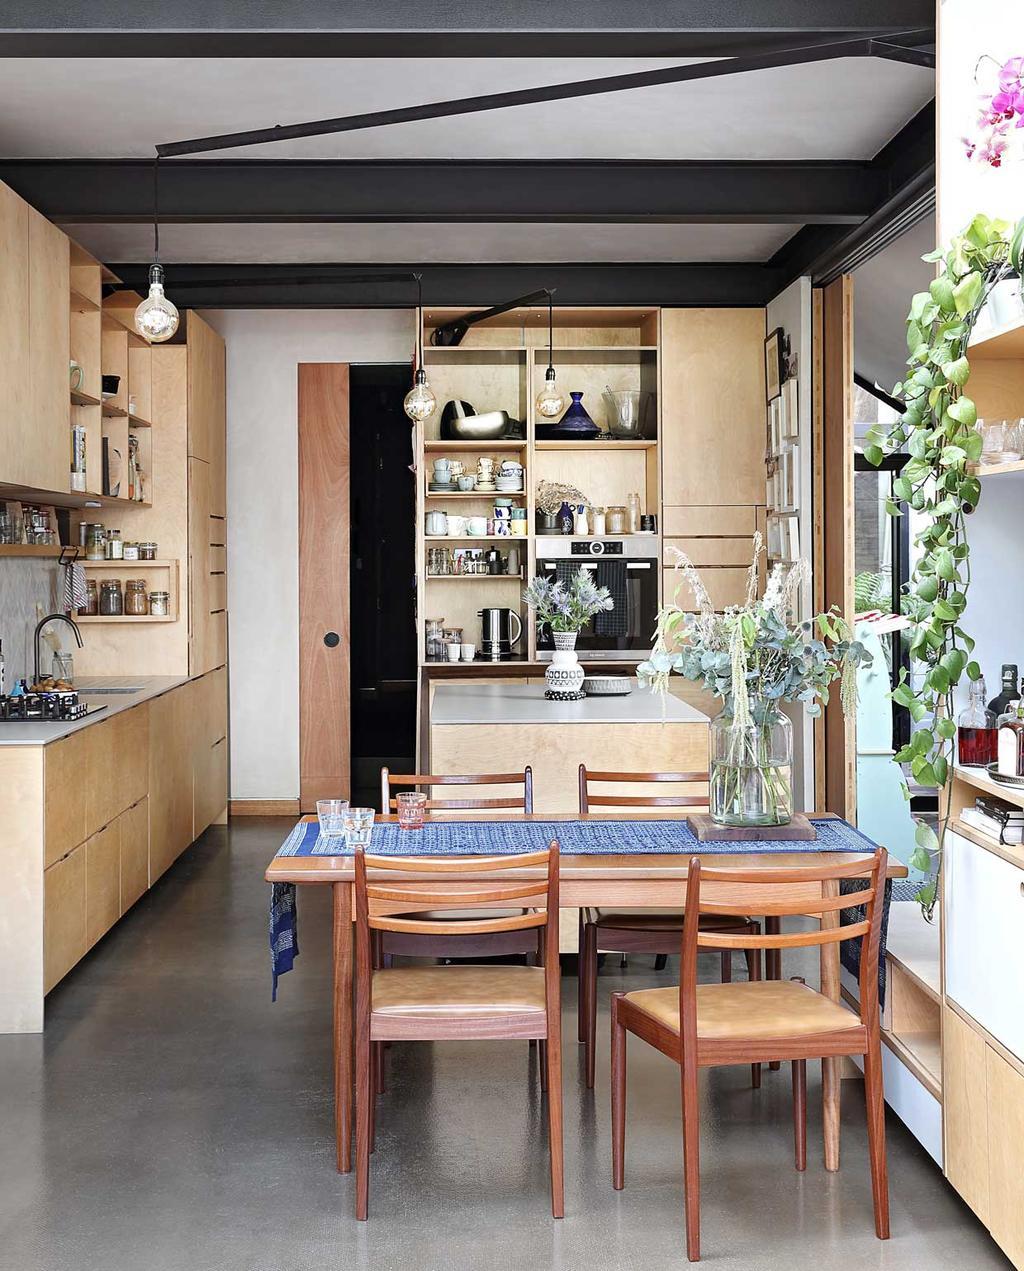 vtwonen bk special 03-2020 | knus londens familiehuis keuken met eettafel